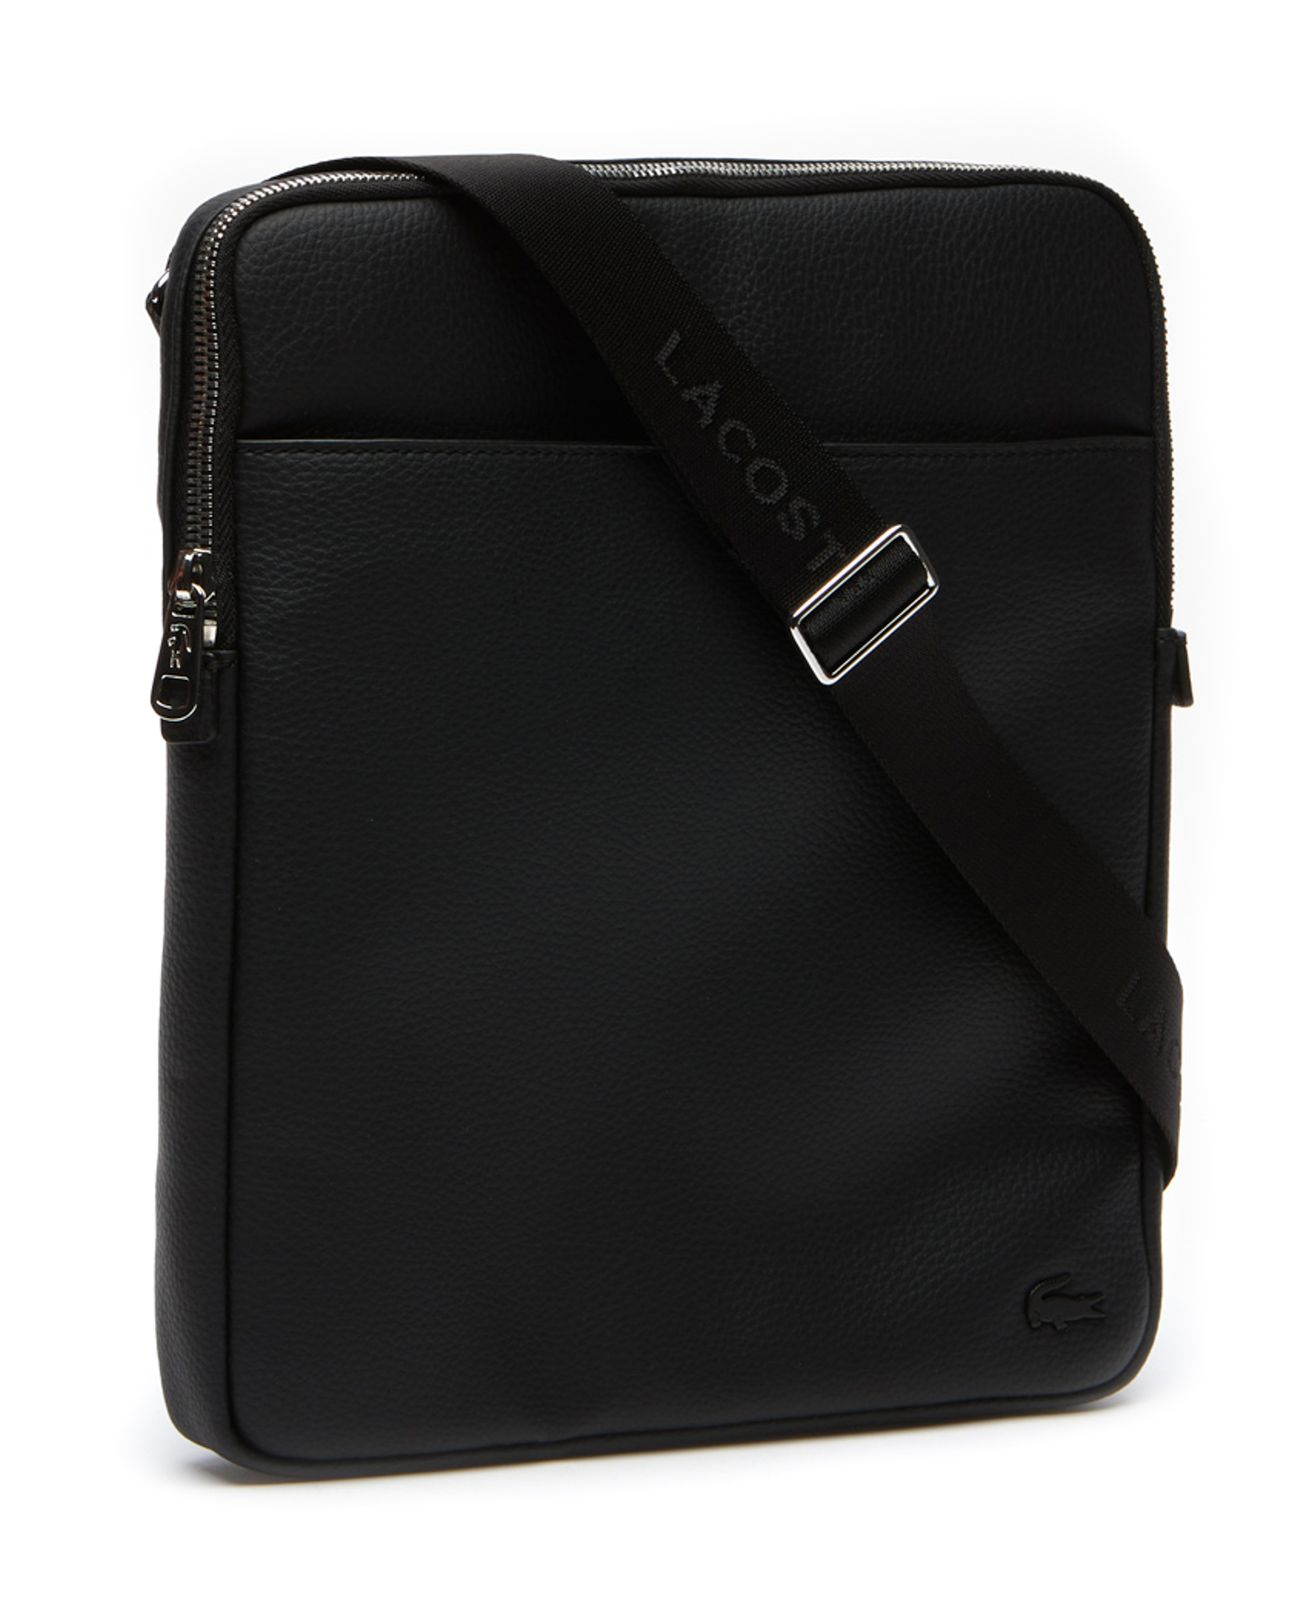 LACOSTE Gael L Flat Crossover Bag Umhängetasche Tasche Black Schwarz Neu